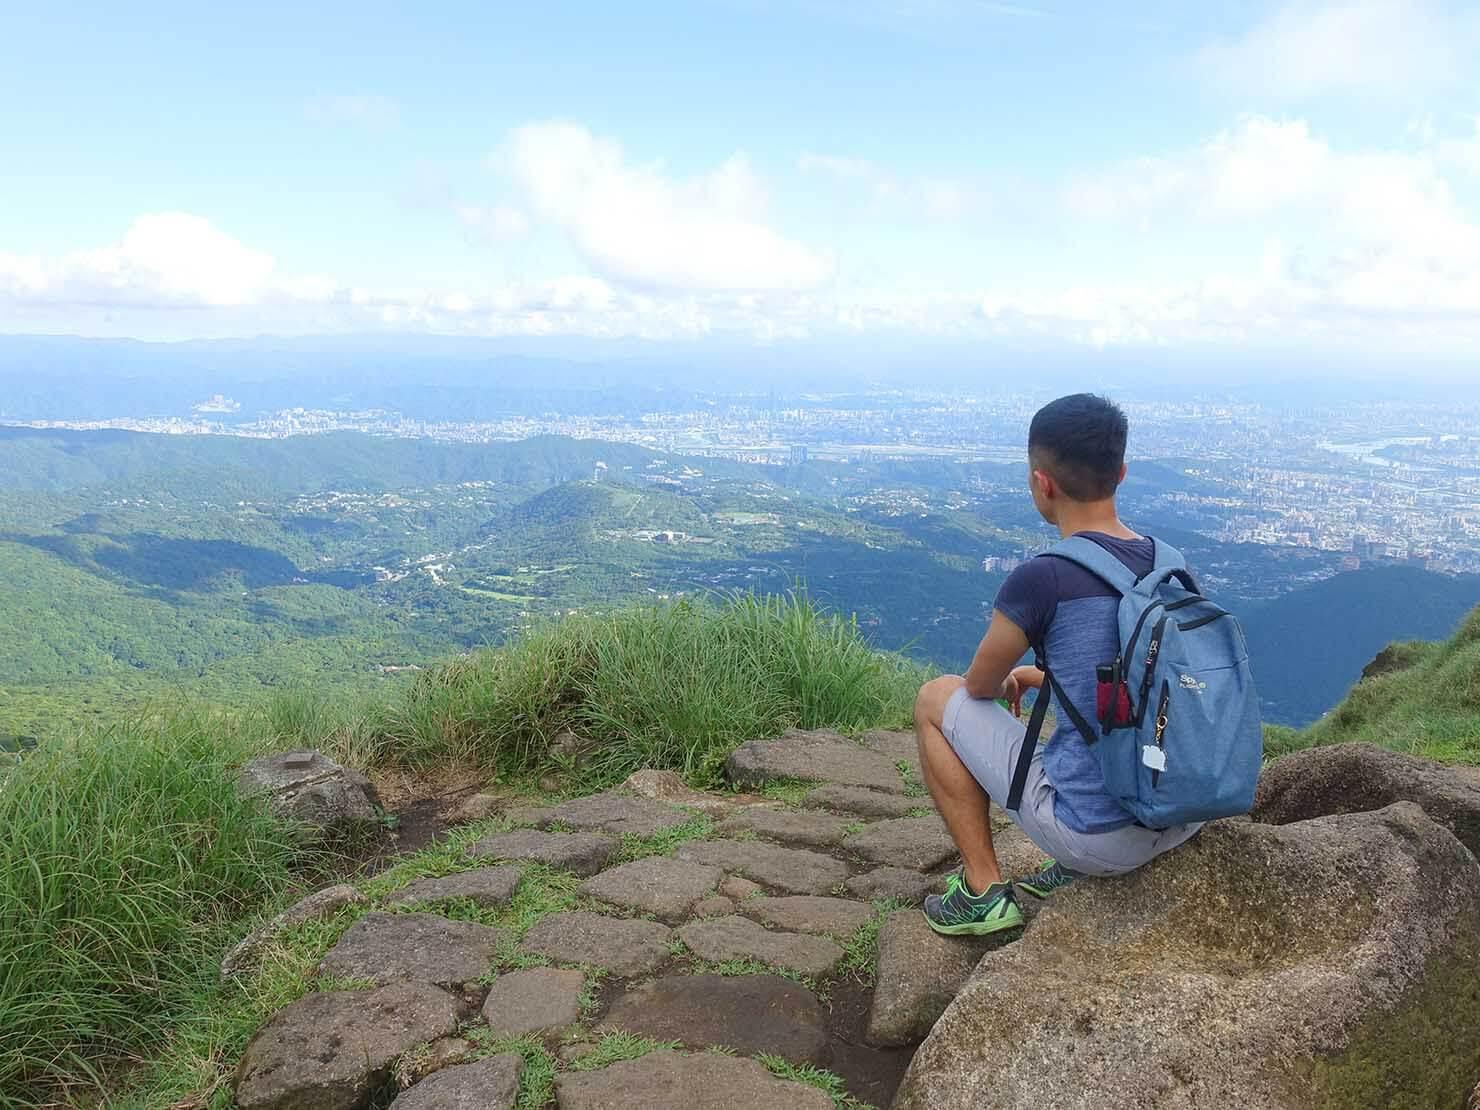 台北最高峰・七星山の東峰から台北市街を望む